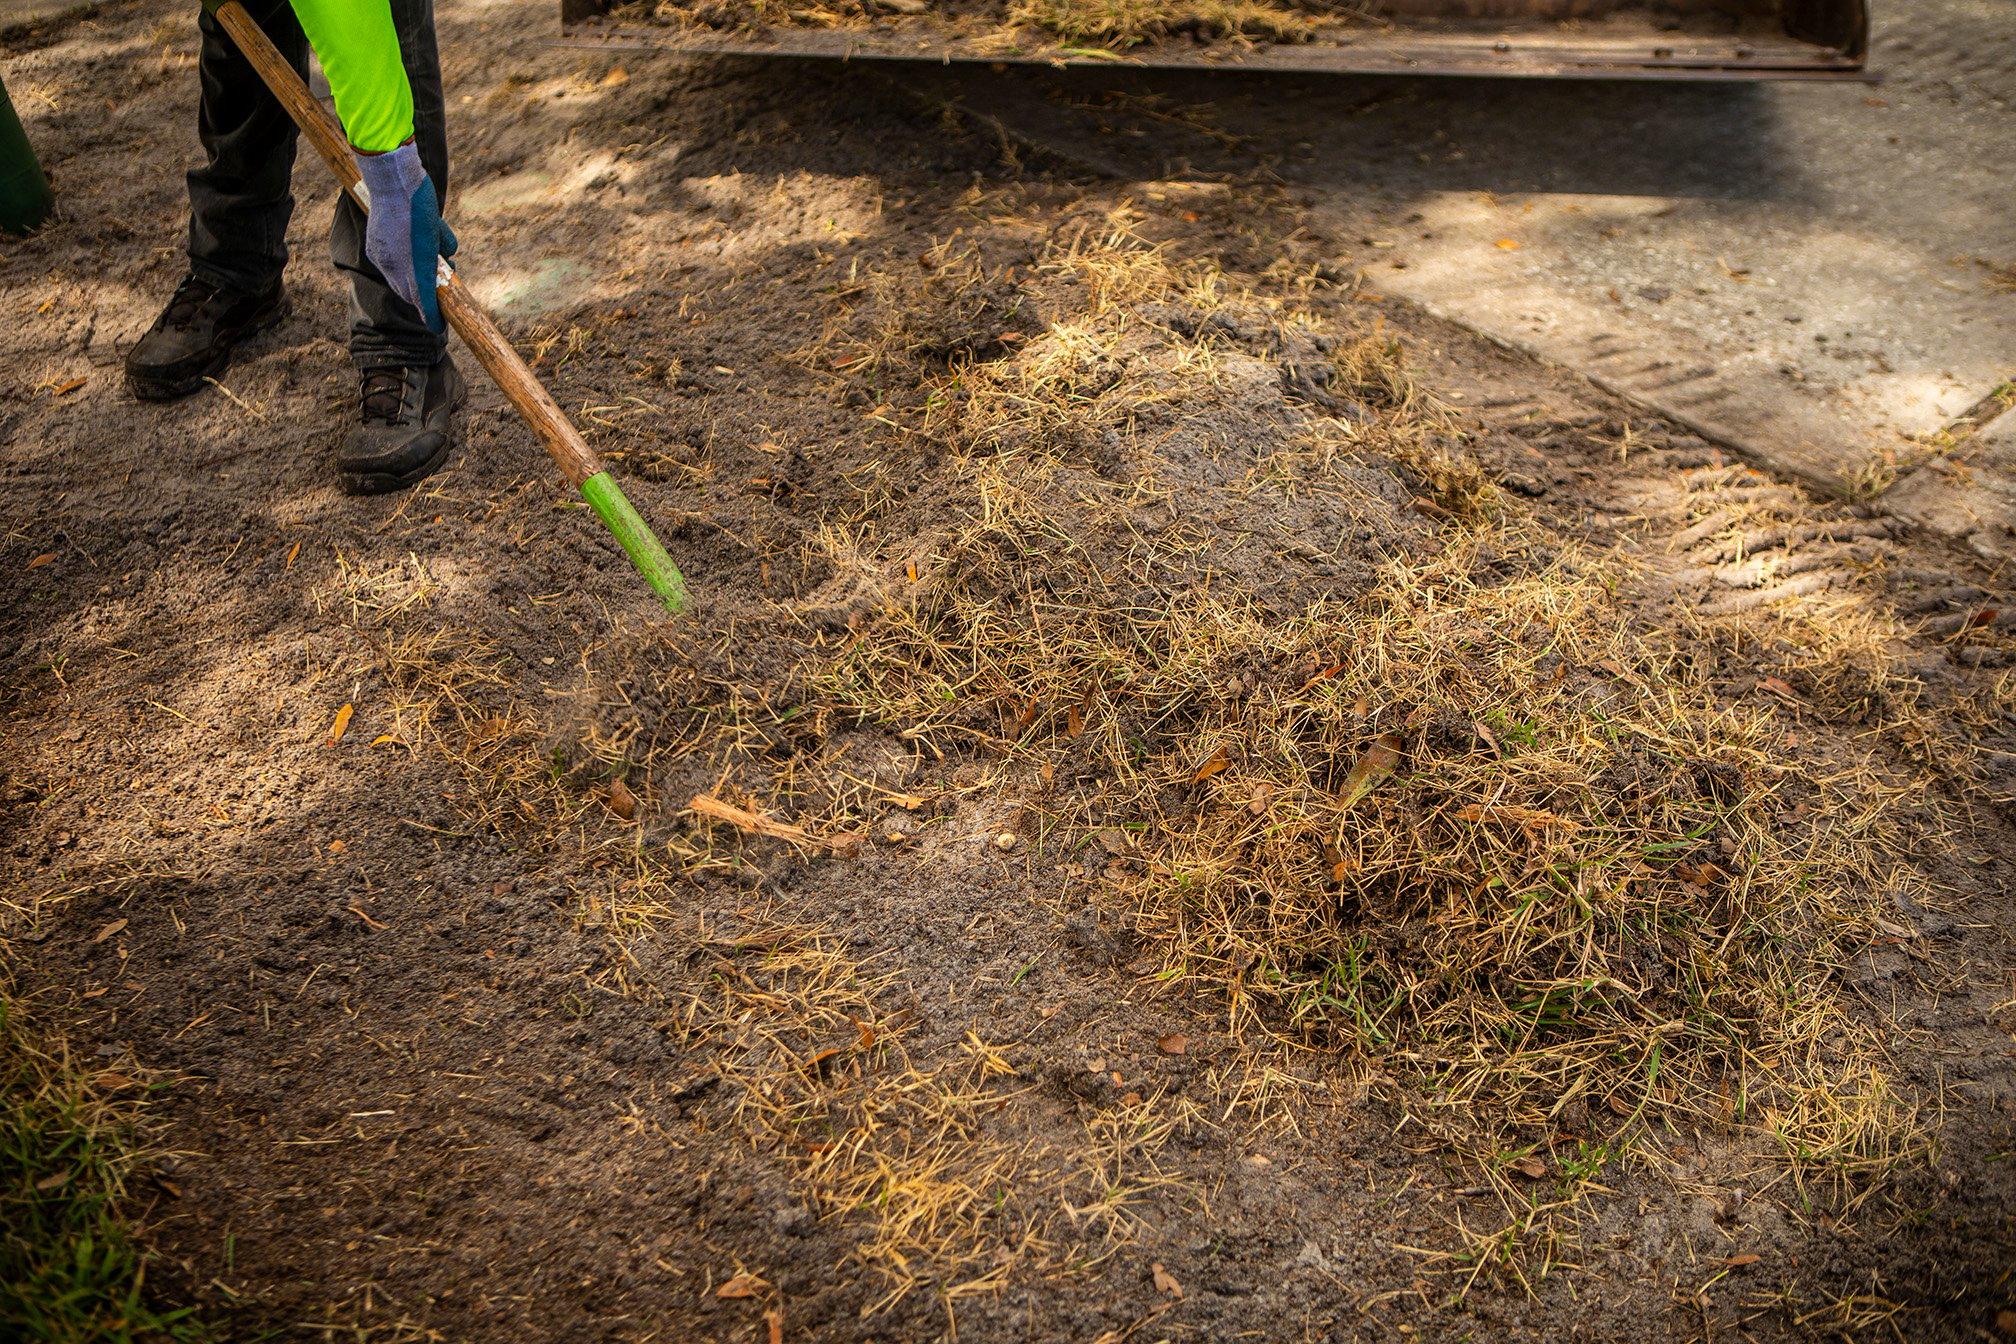 Repairing a dead lawn